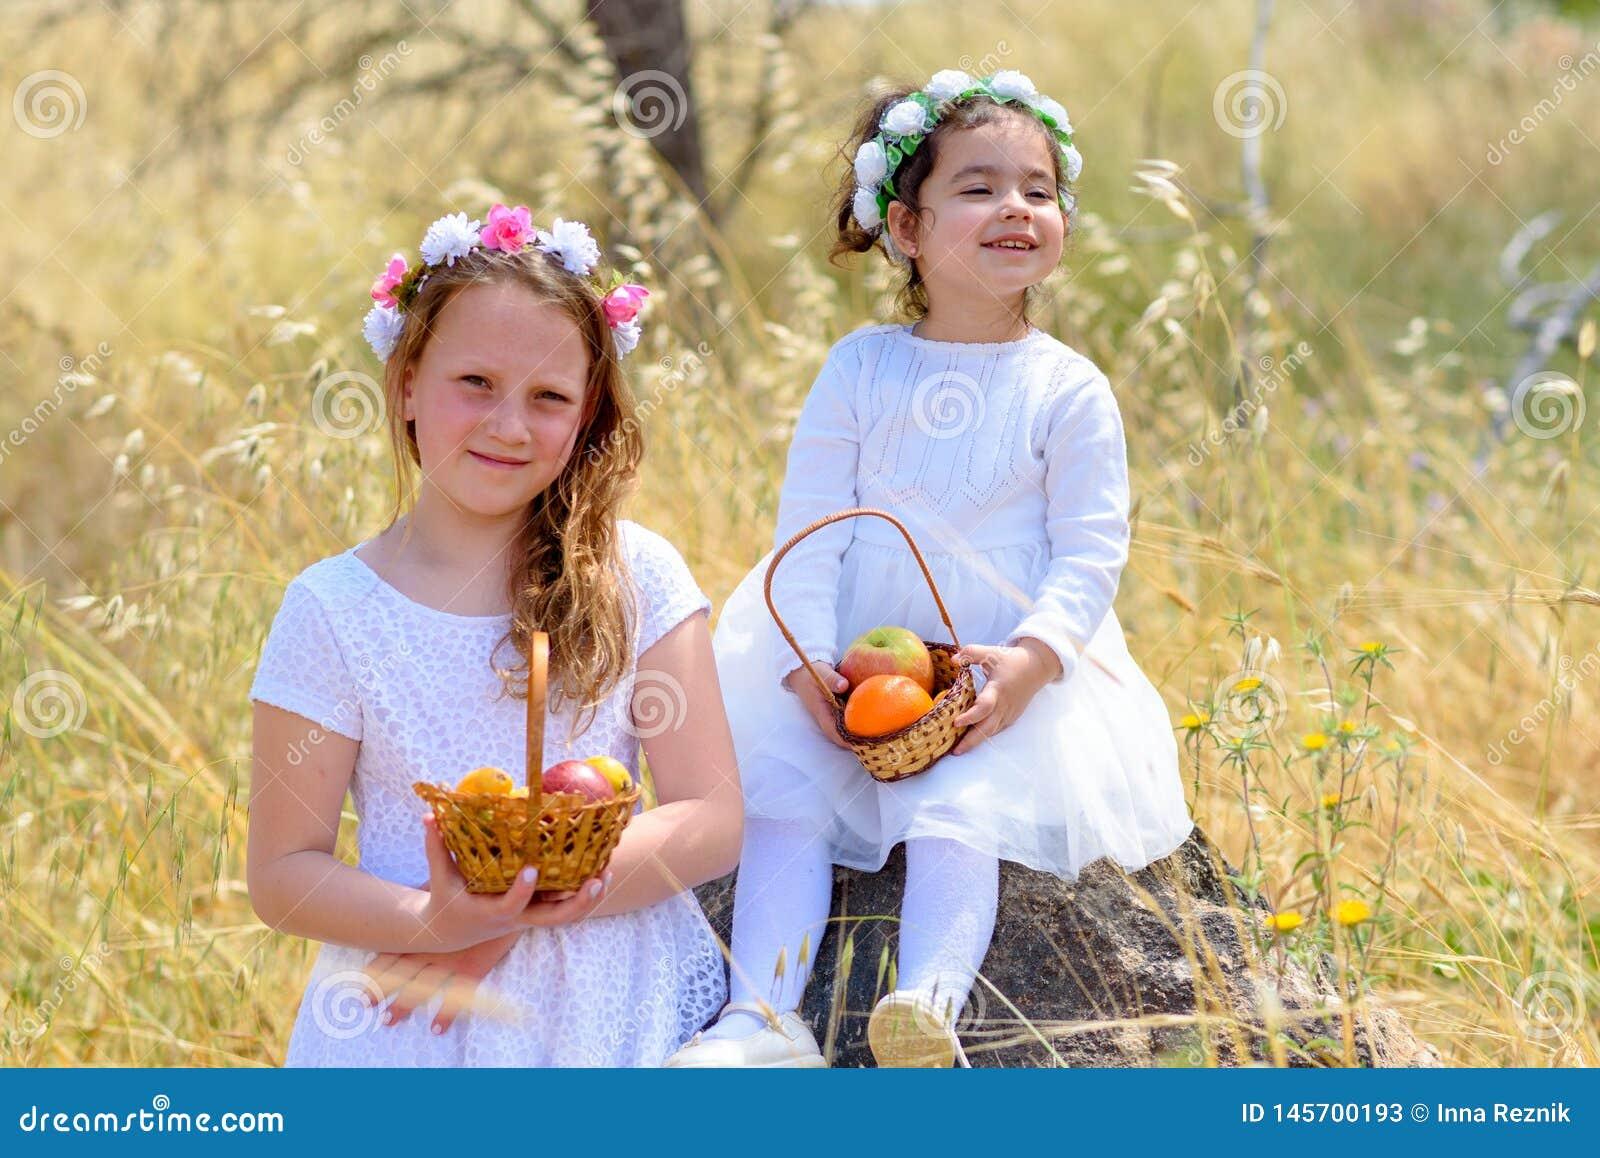 Εβραϊκές διακοπές Shavuot Τα μικρά κορίτσια HarvestTwo στο άσπρο φόρεμα κρατούν ένα καλάθι με τους νωπούς καρπούς σε έναν τομέα σ